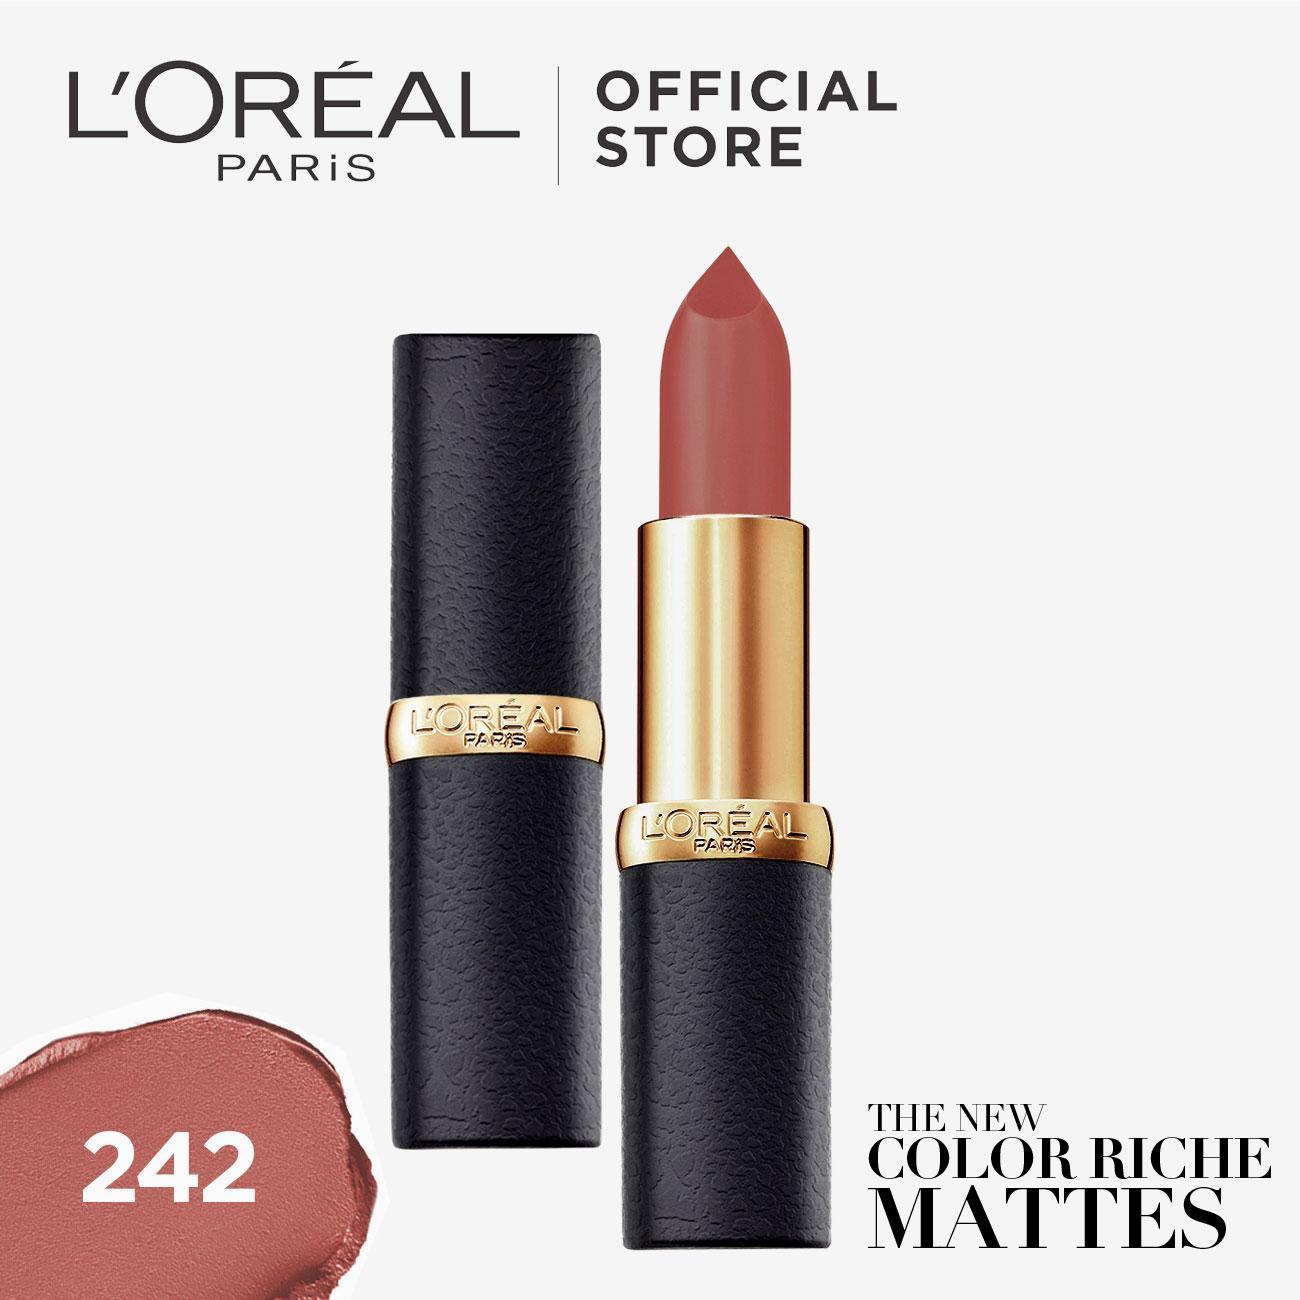 L'Oréal Paris Color Riche Matte Lipstick (Makeup)